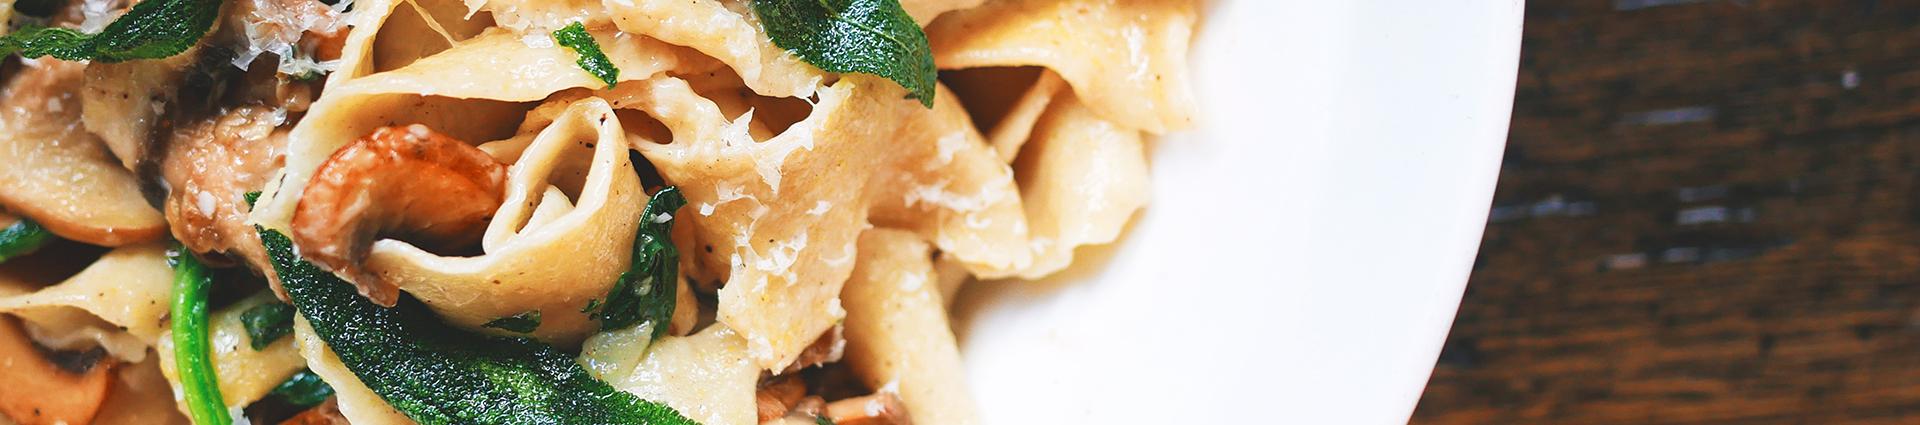 Farina/pasta